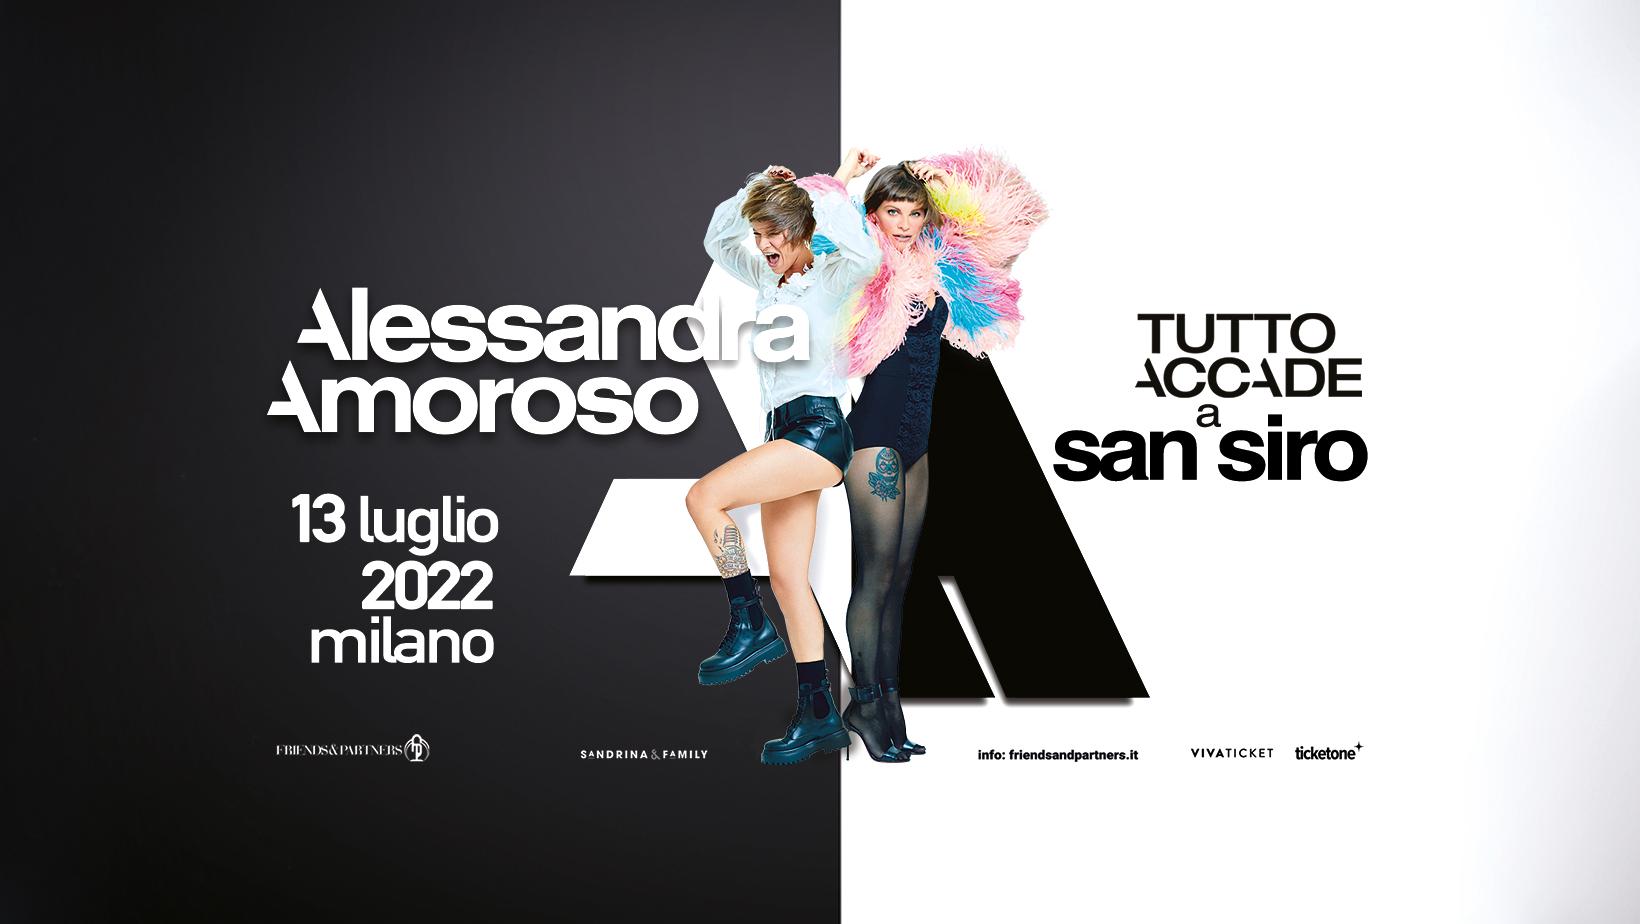 Alessandra Amoroso Tutto accade a San Siro biglietti